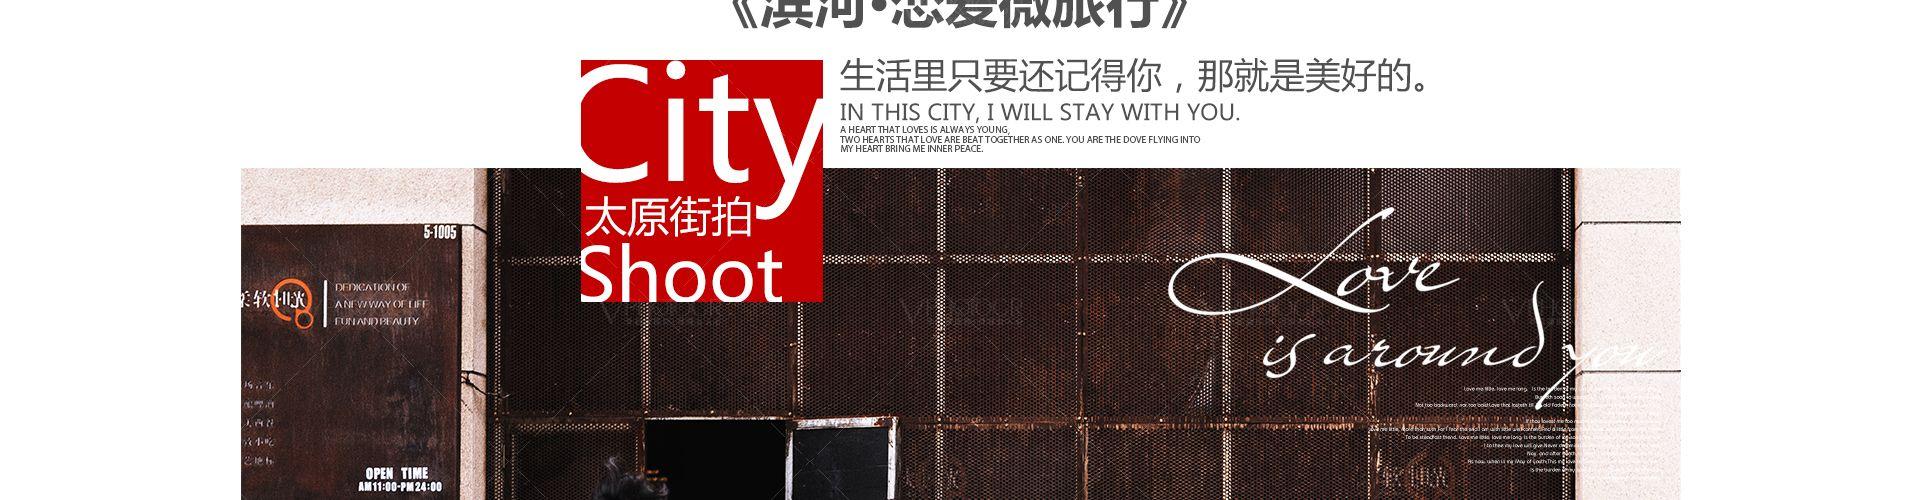 一座城市,两种性格《双城记》